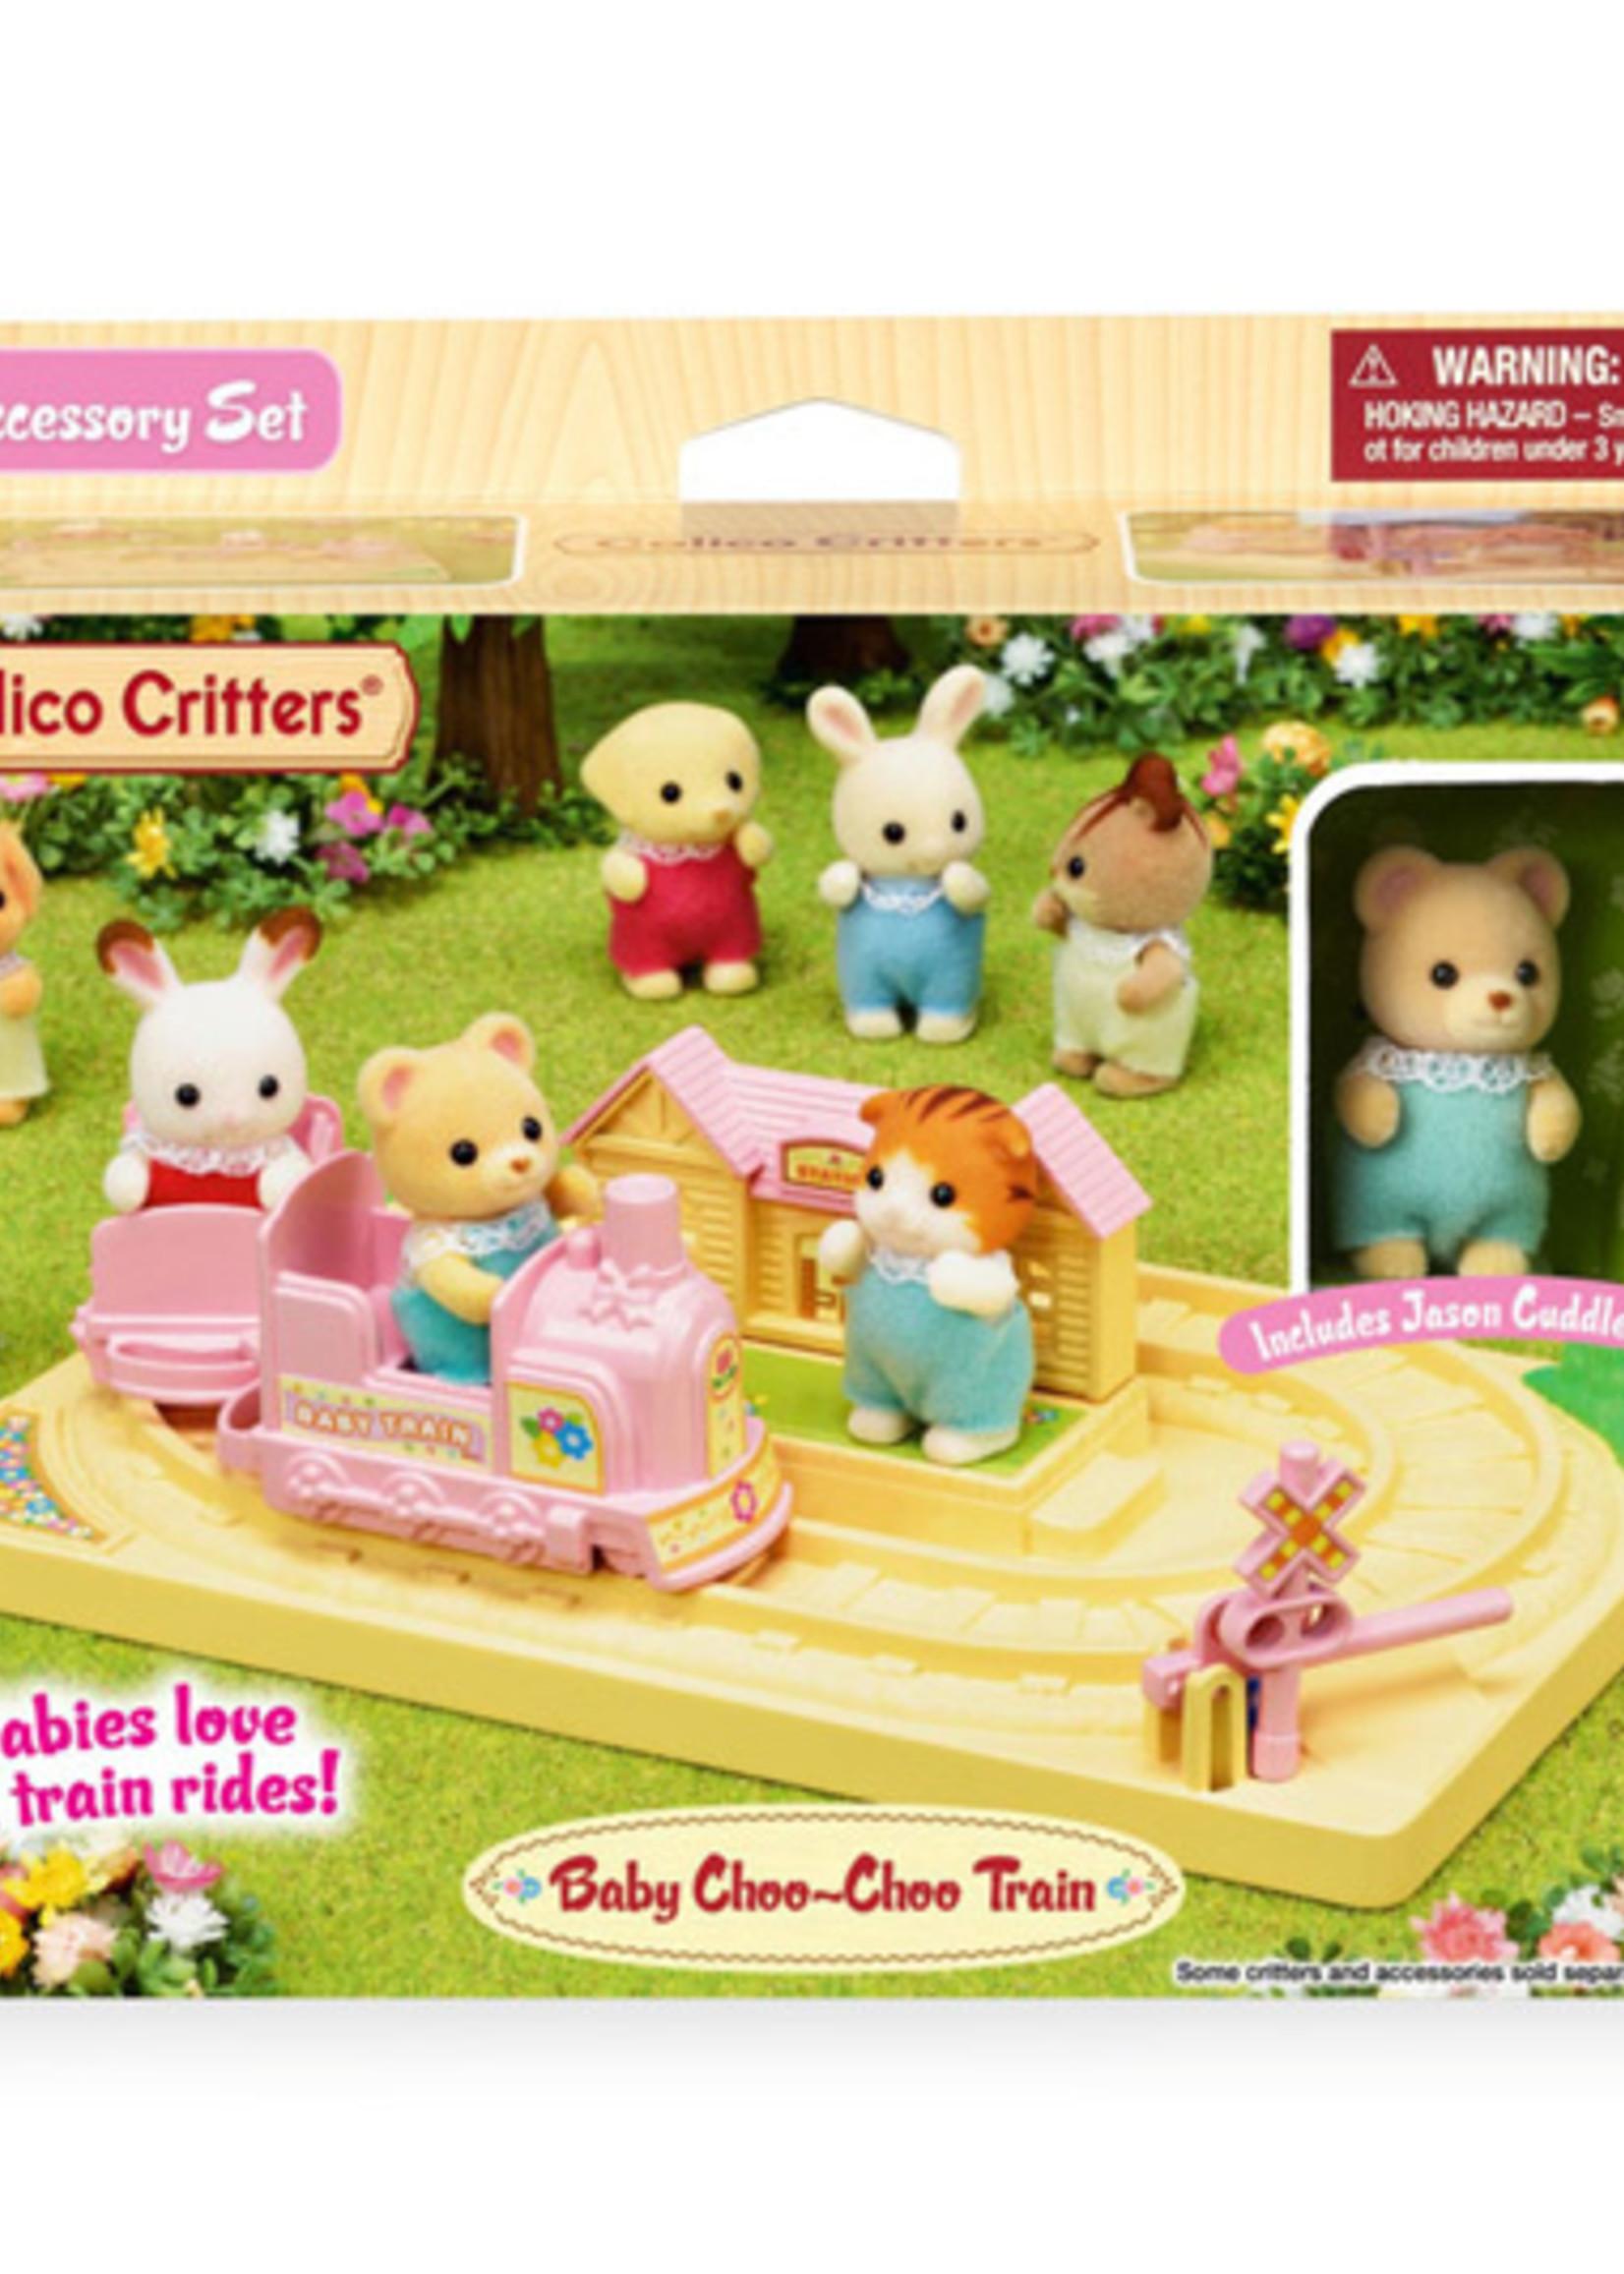 Calico Critters Baby Choo Choo Train